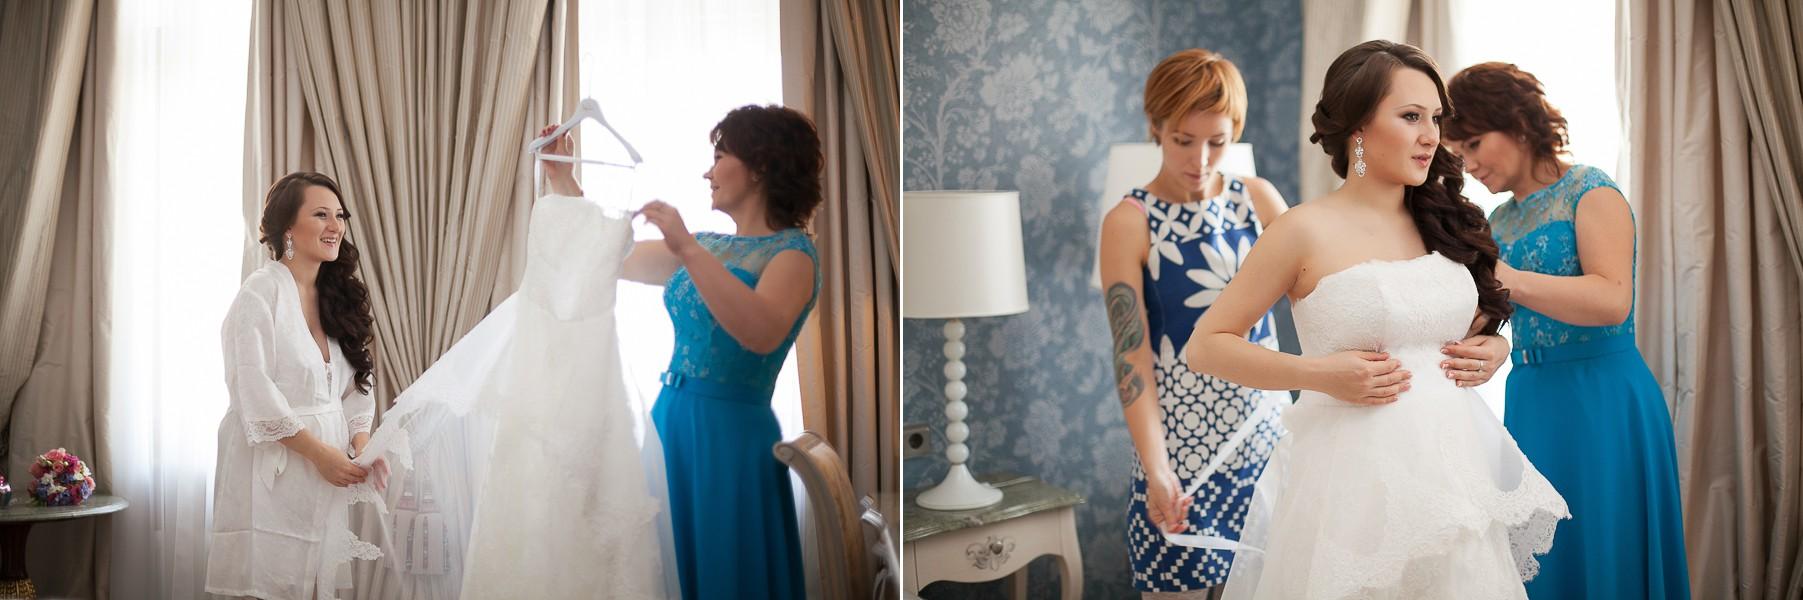 утро невесты, фото, идеи, где провести, свадьба